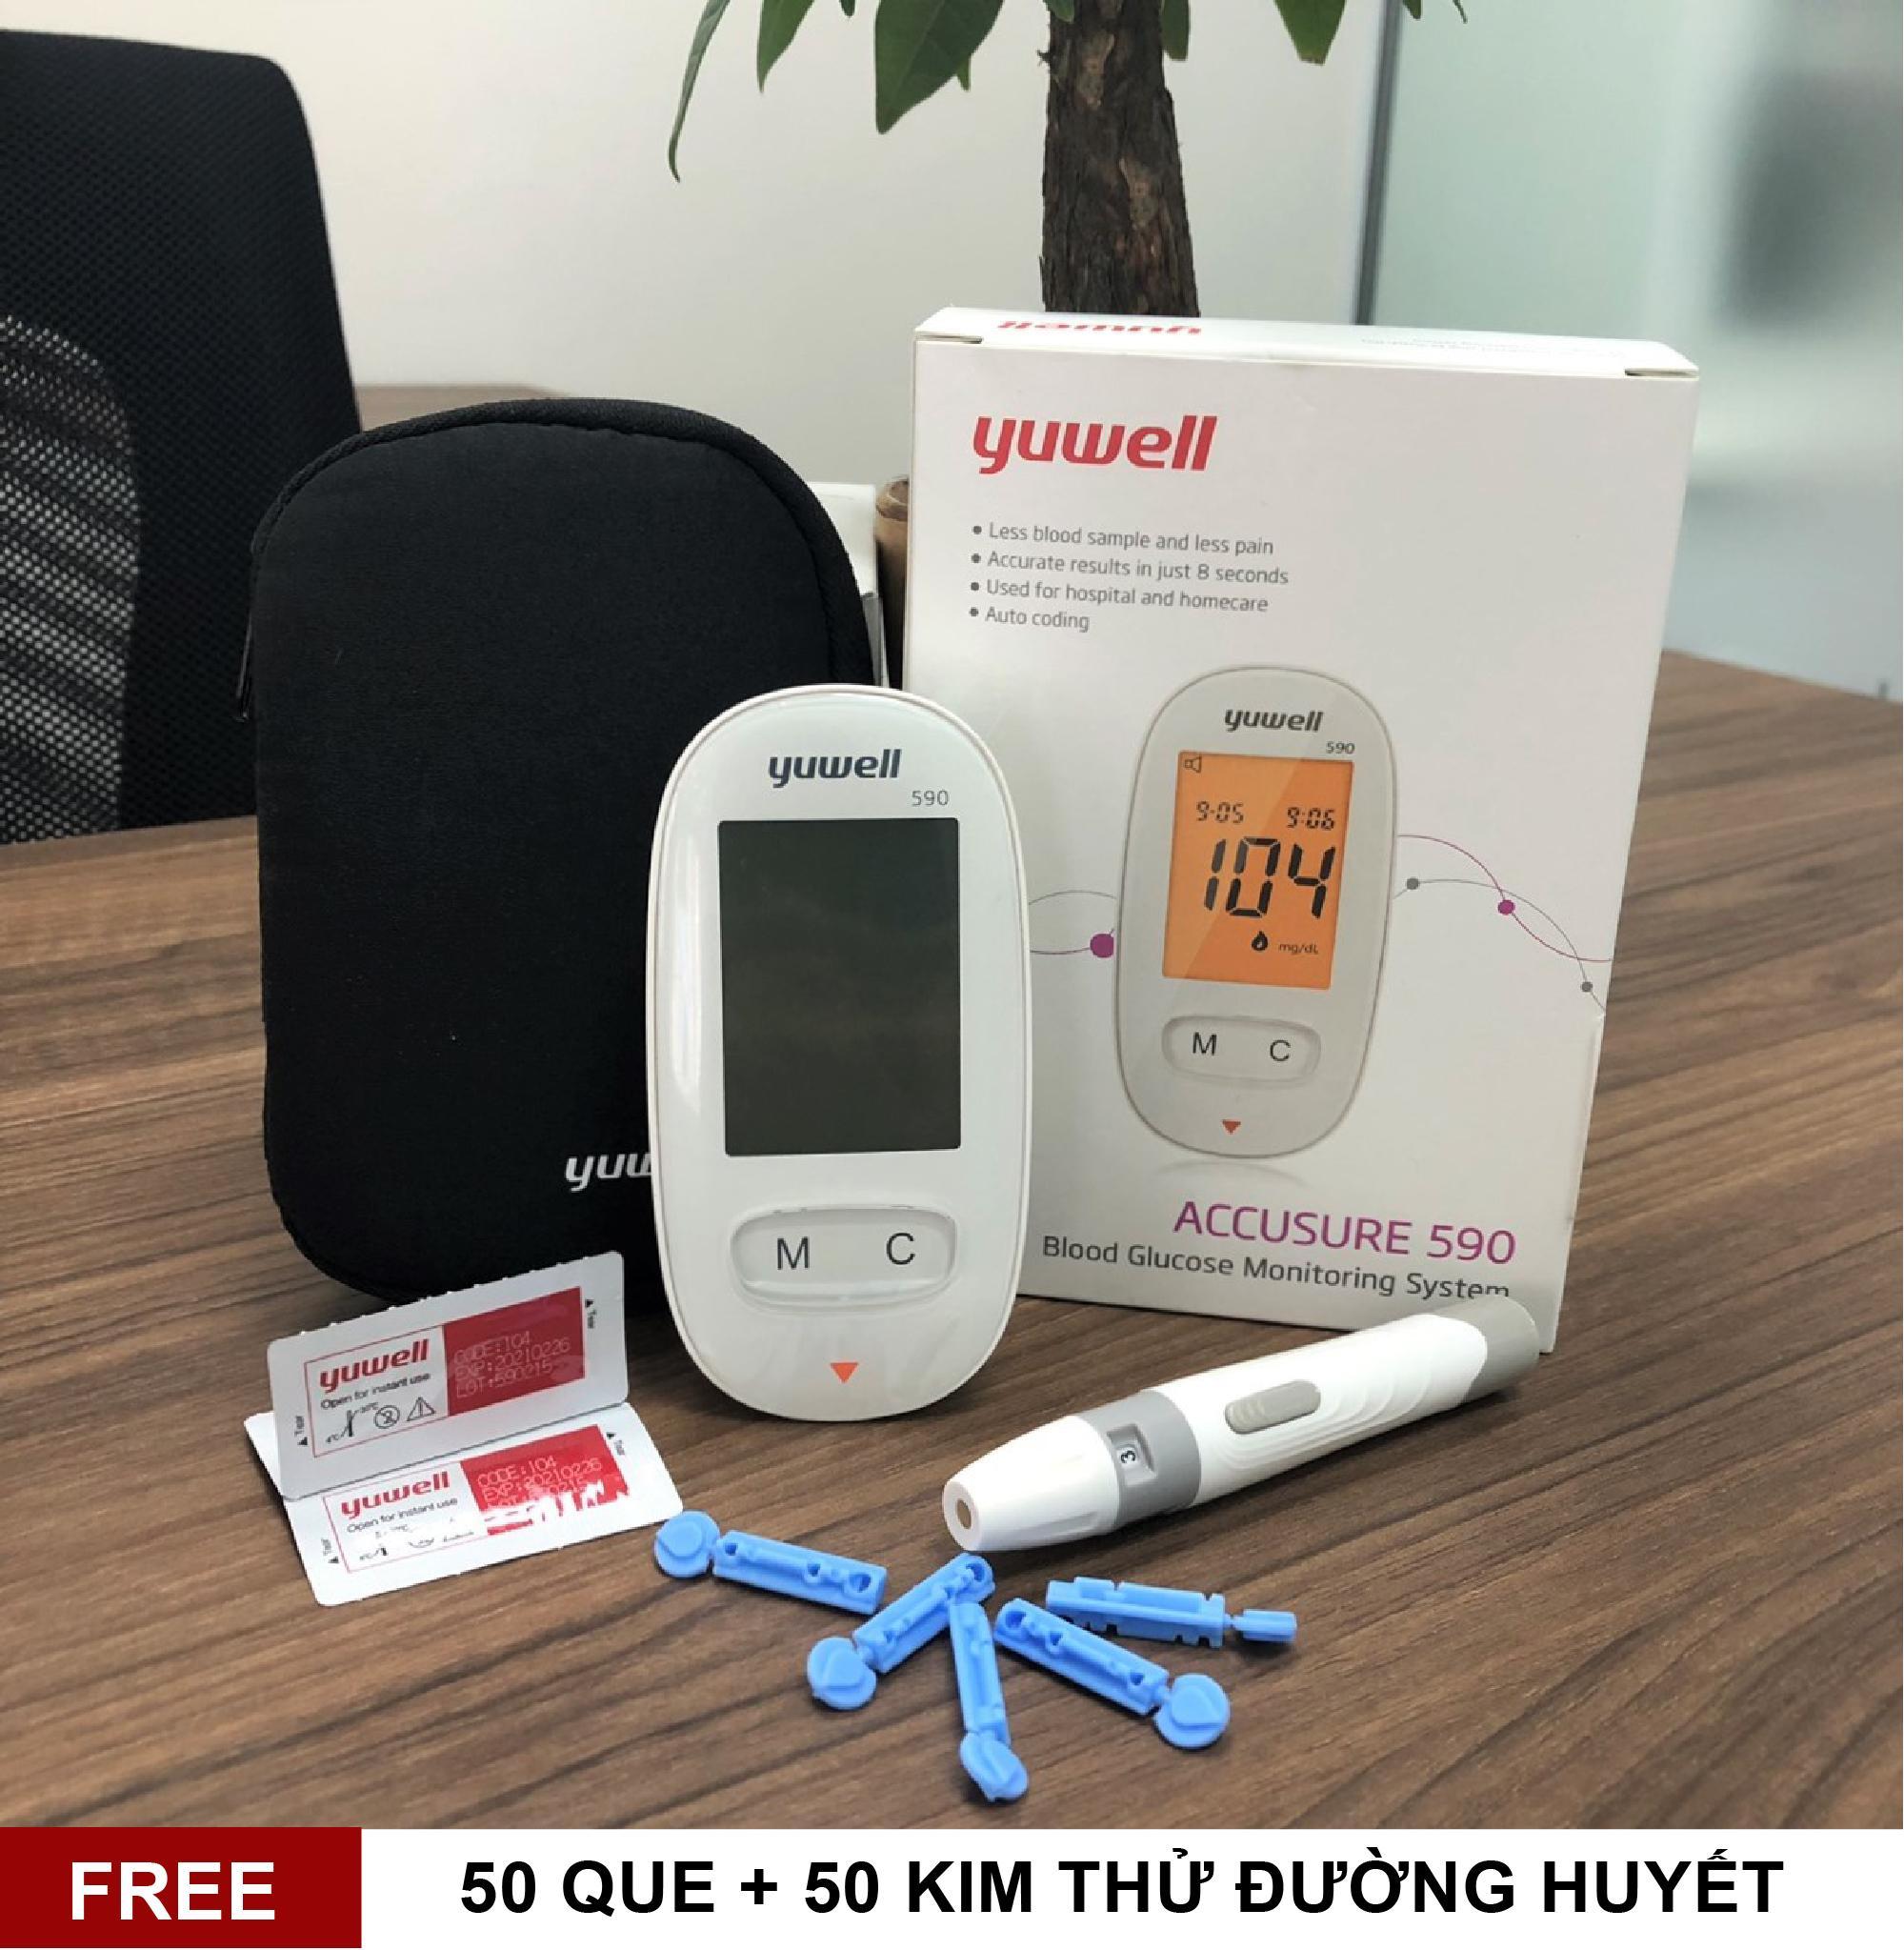 Bộ Máy đo đường huyết Yuwell 590 + 50kim, 50 que thử đường nhập khẩu